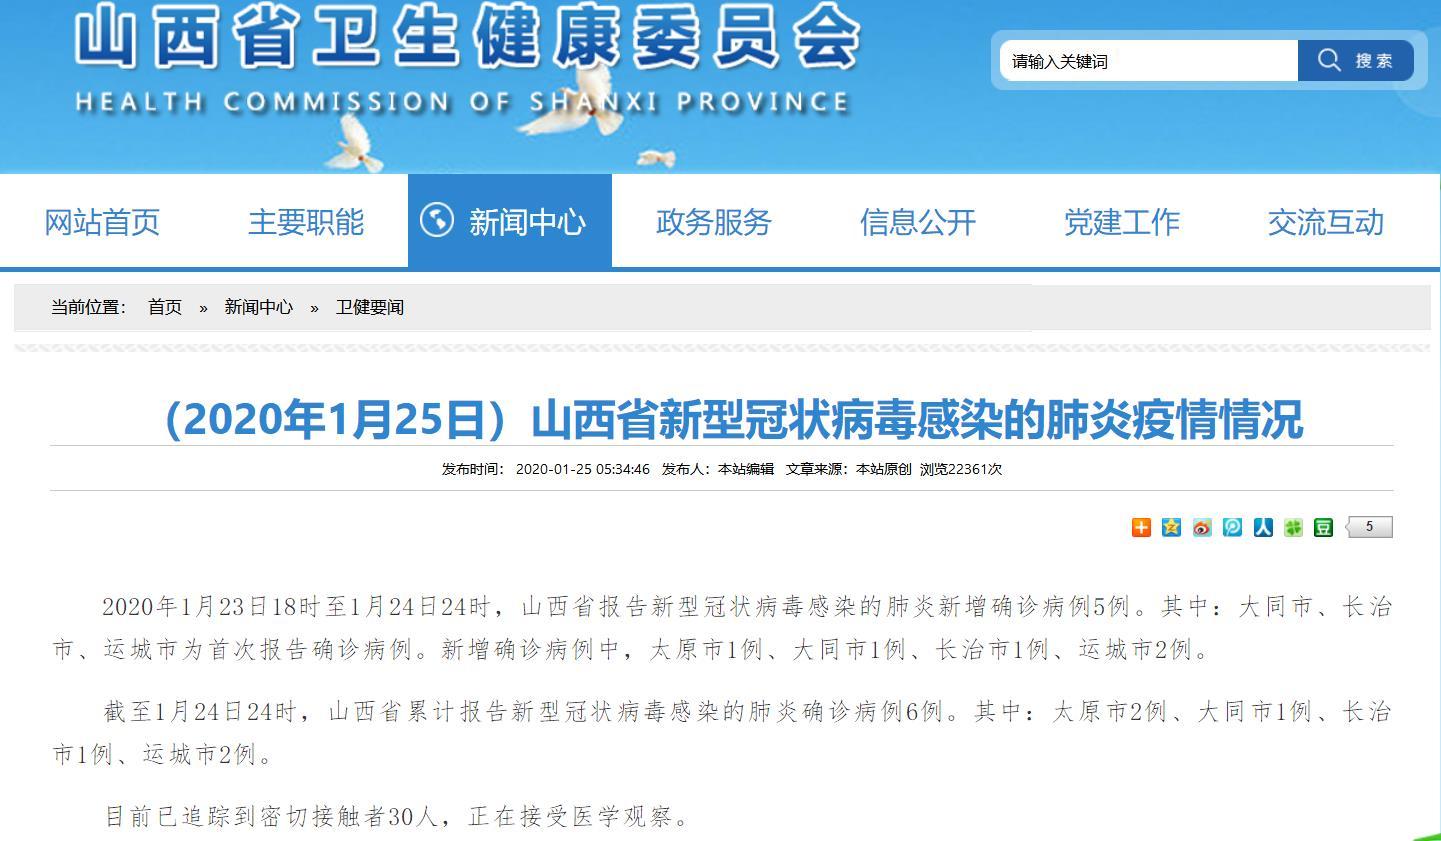 http://www.sxiyu.com/tiyuhuodong/52633.html